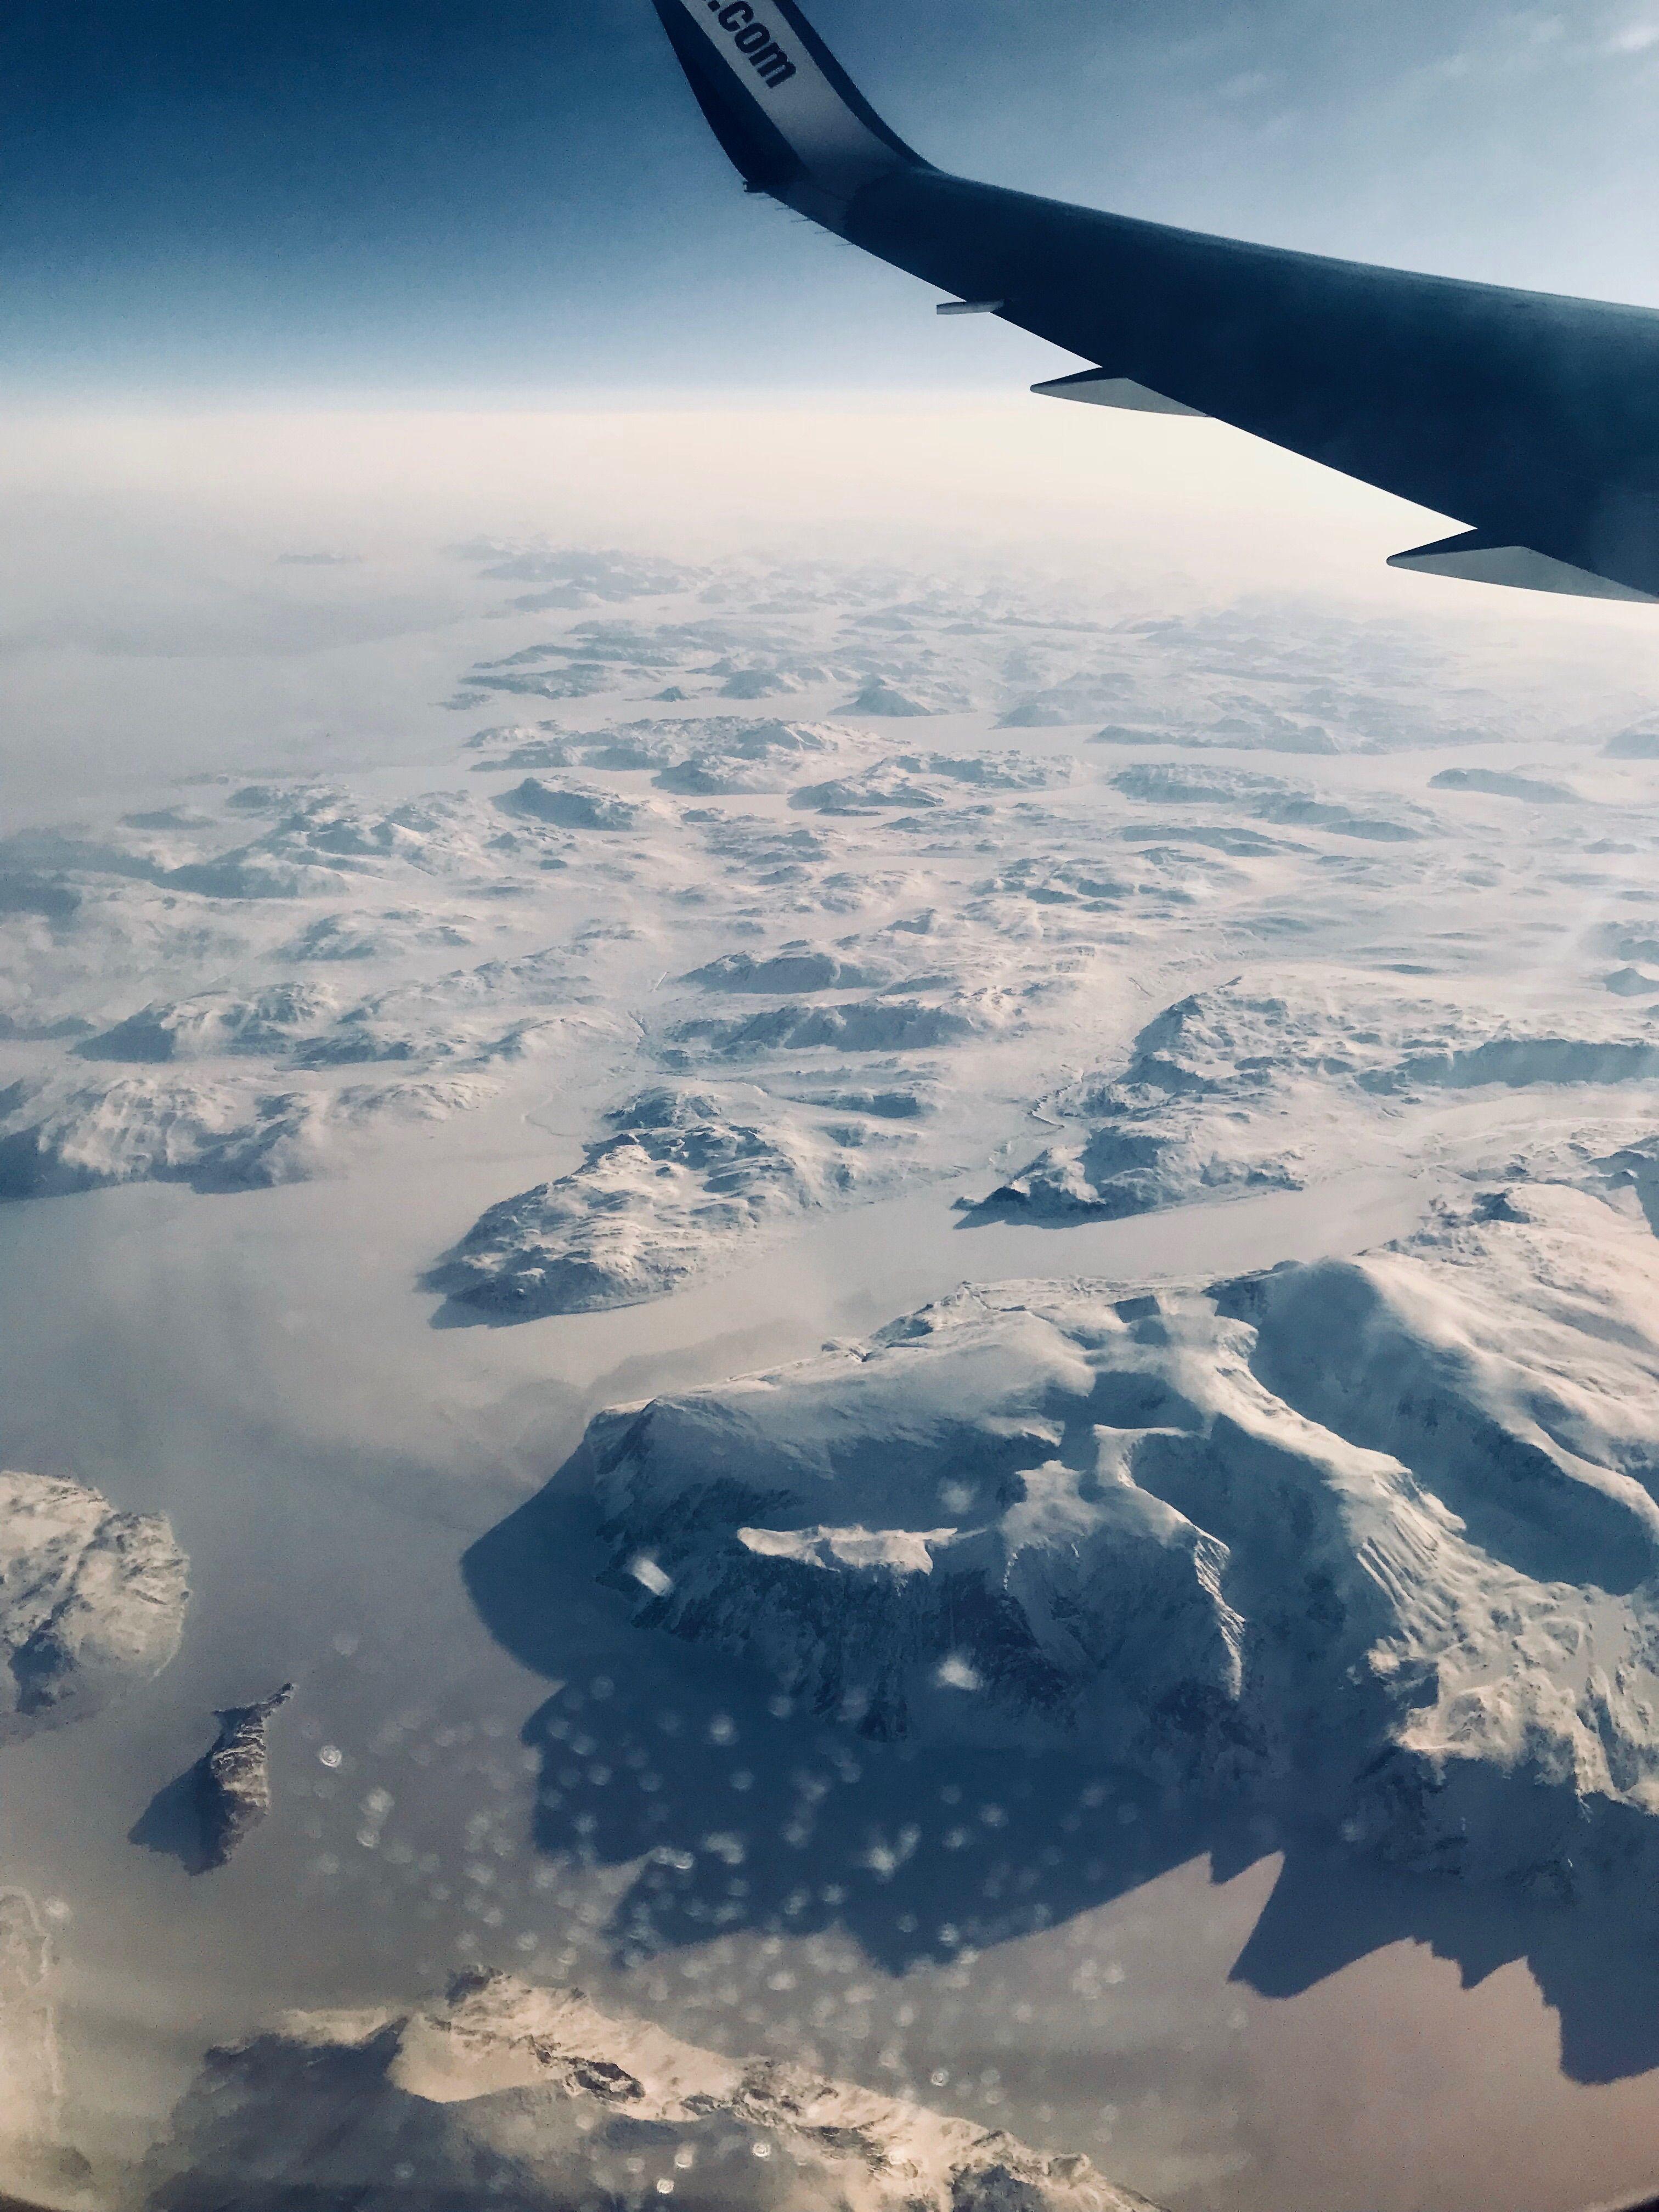 L'aileron d'un avion qui vole au-dessus du Canada enneigé.